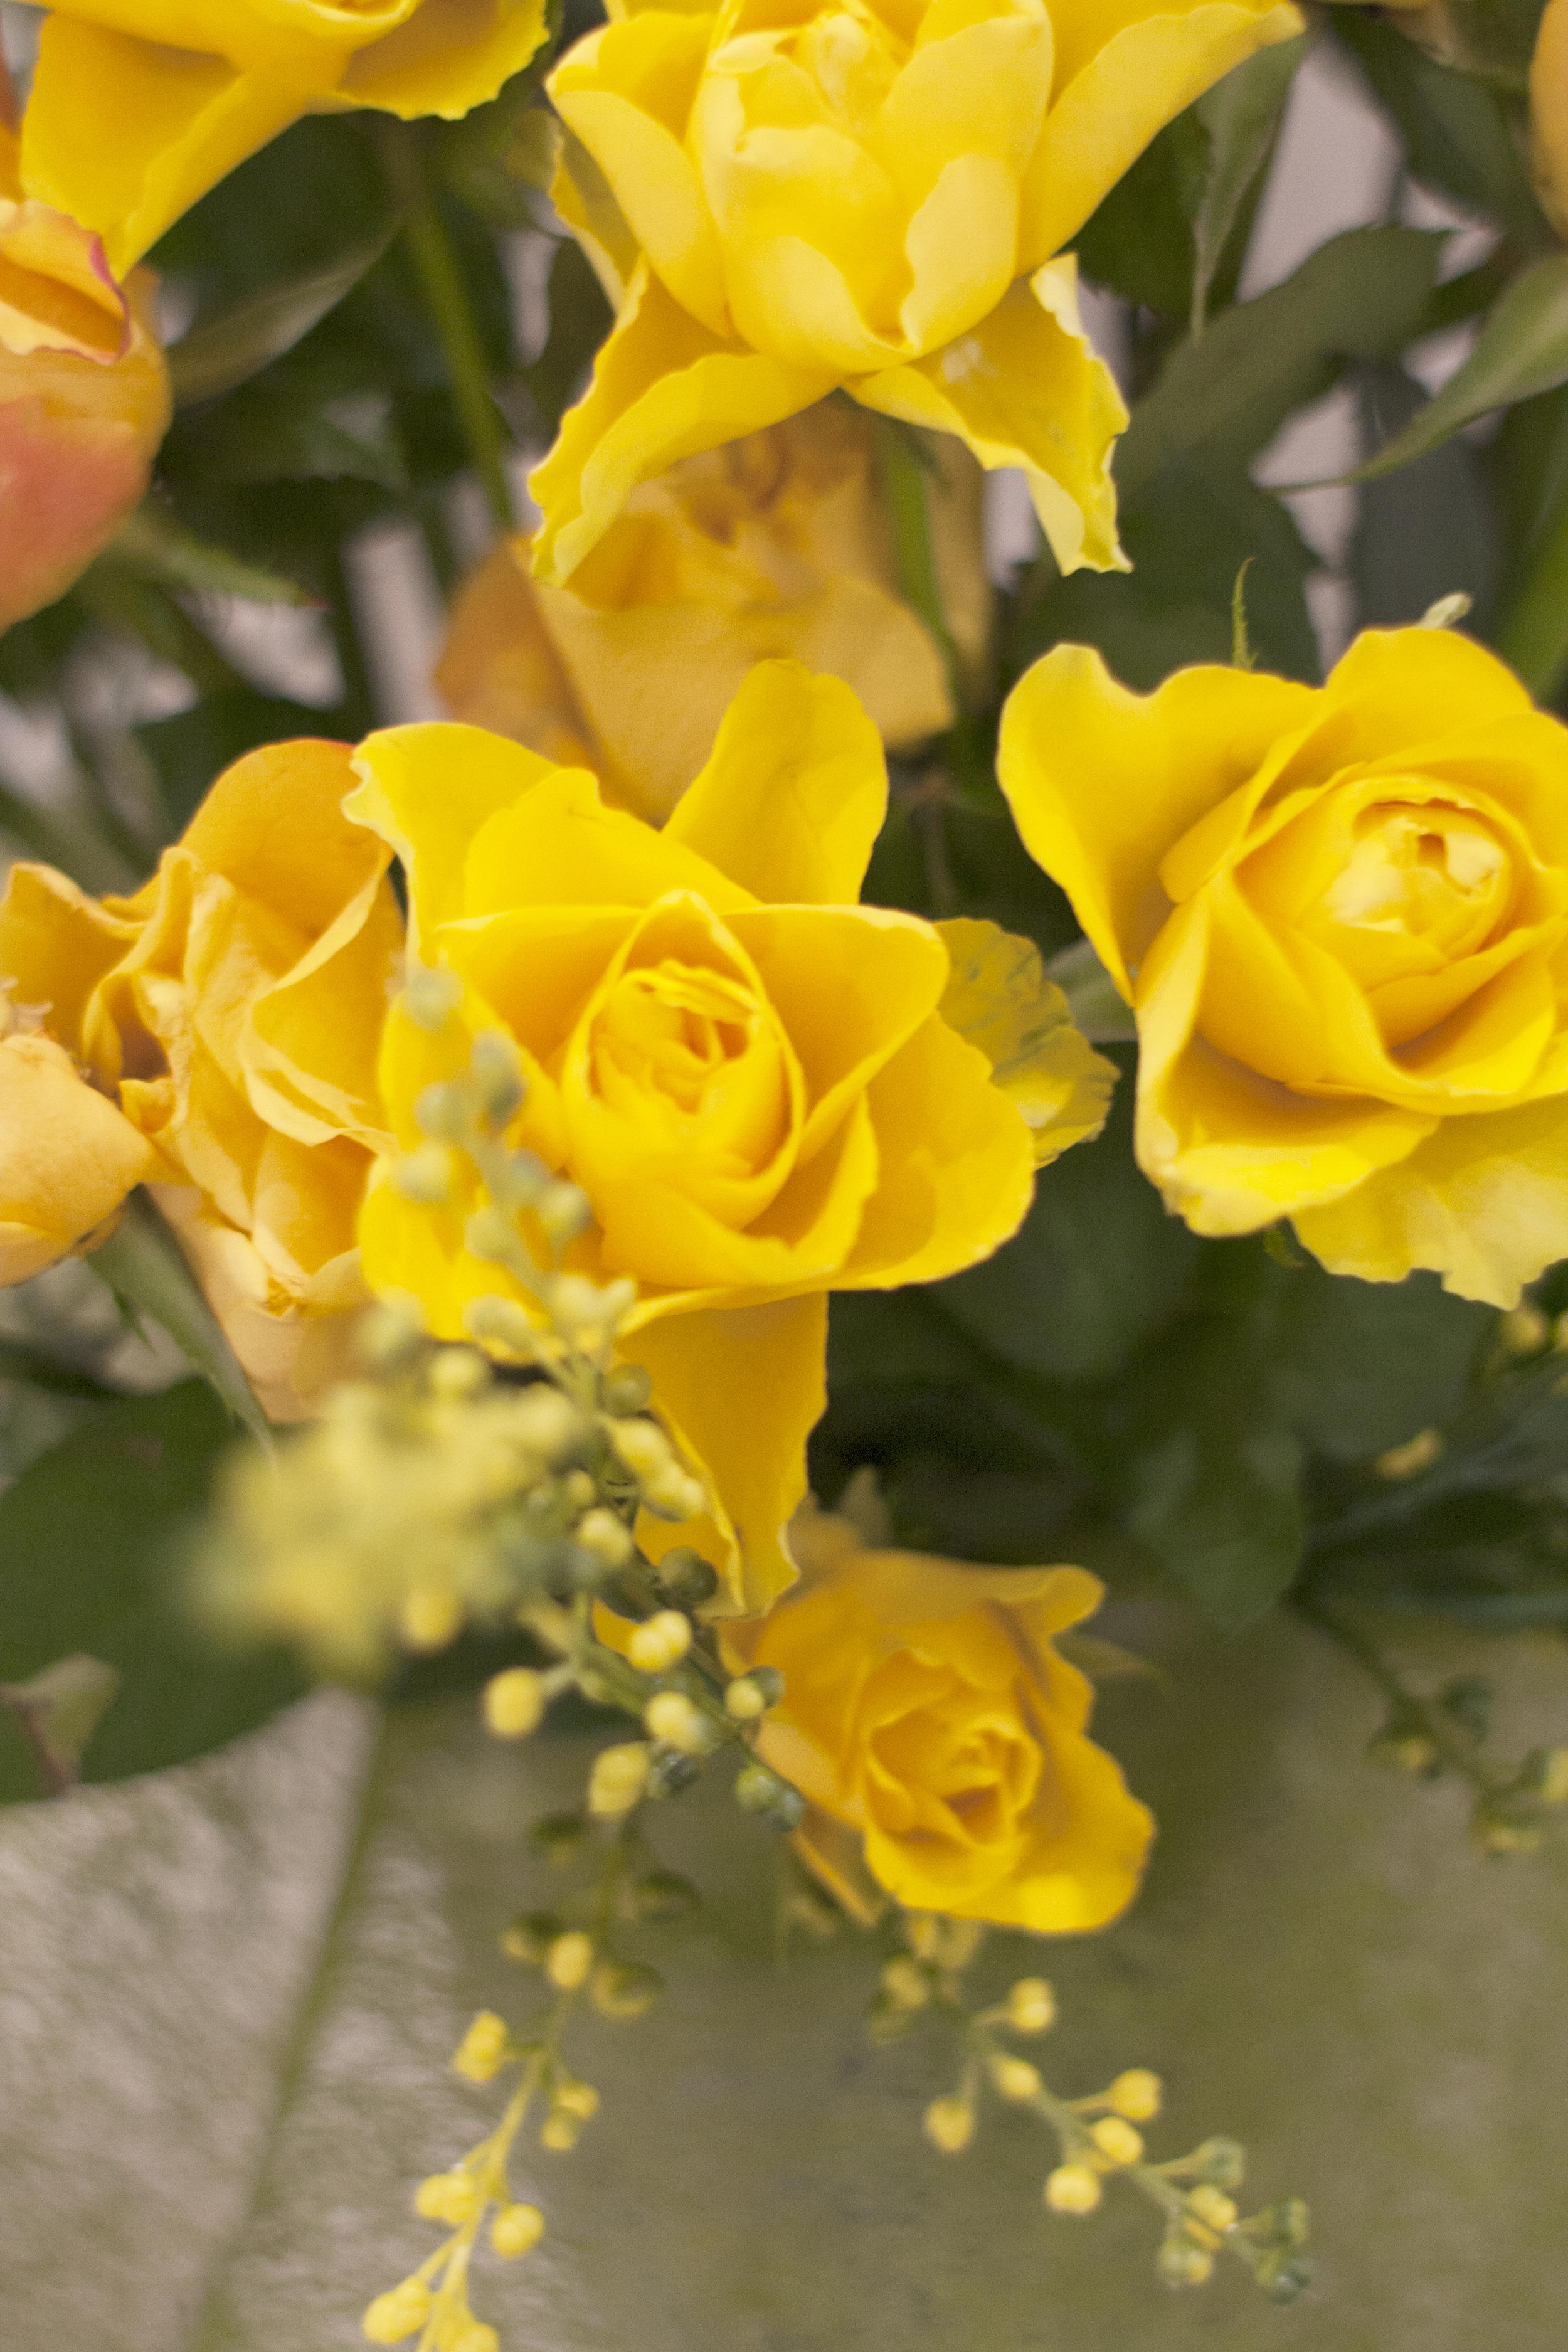 kwiaty cudownie ozdabiały nasze spotkania. również dzięki nim mamy u siebie namiastkę nieba...i dzięki bożence.